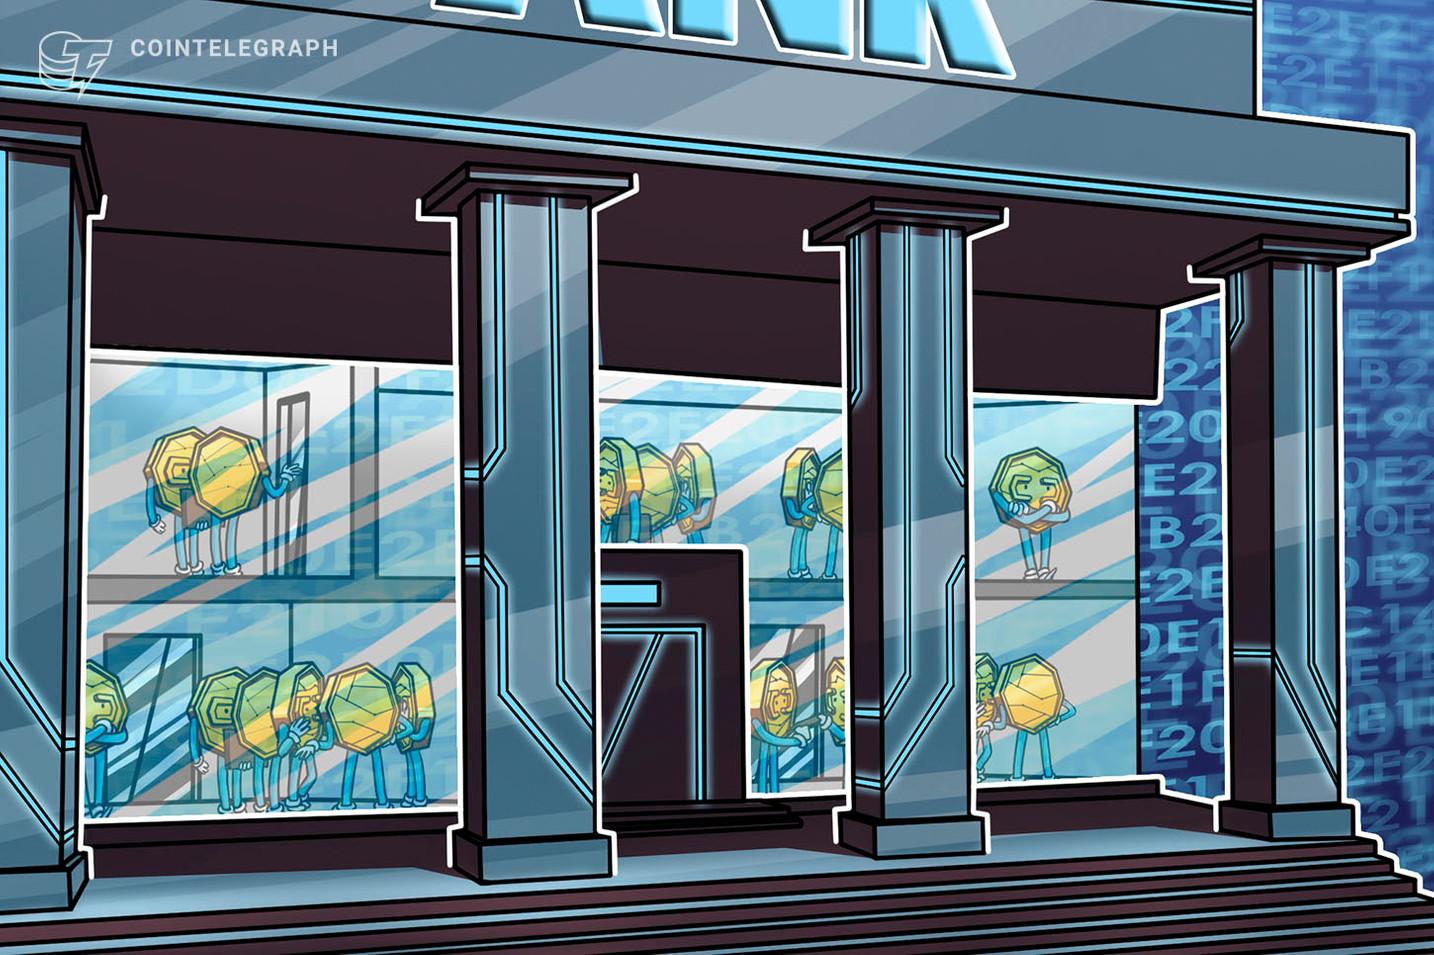 Chainlink Bankalarla DeFi Sektörünü Entegre Ediyor